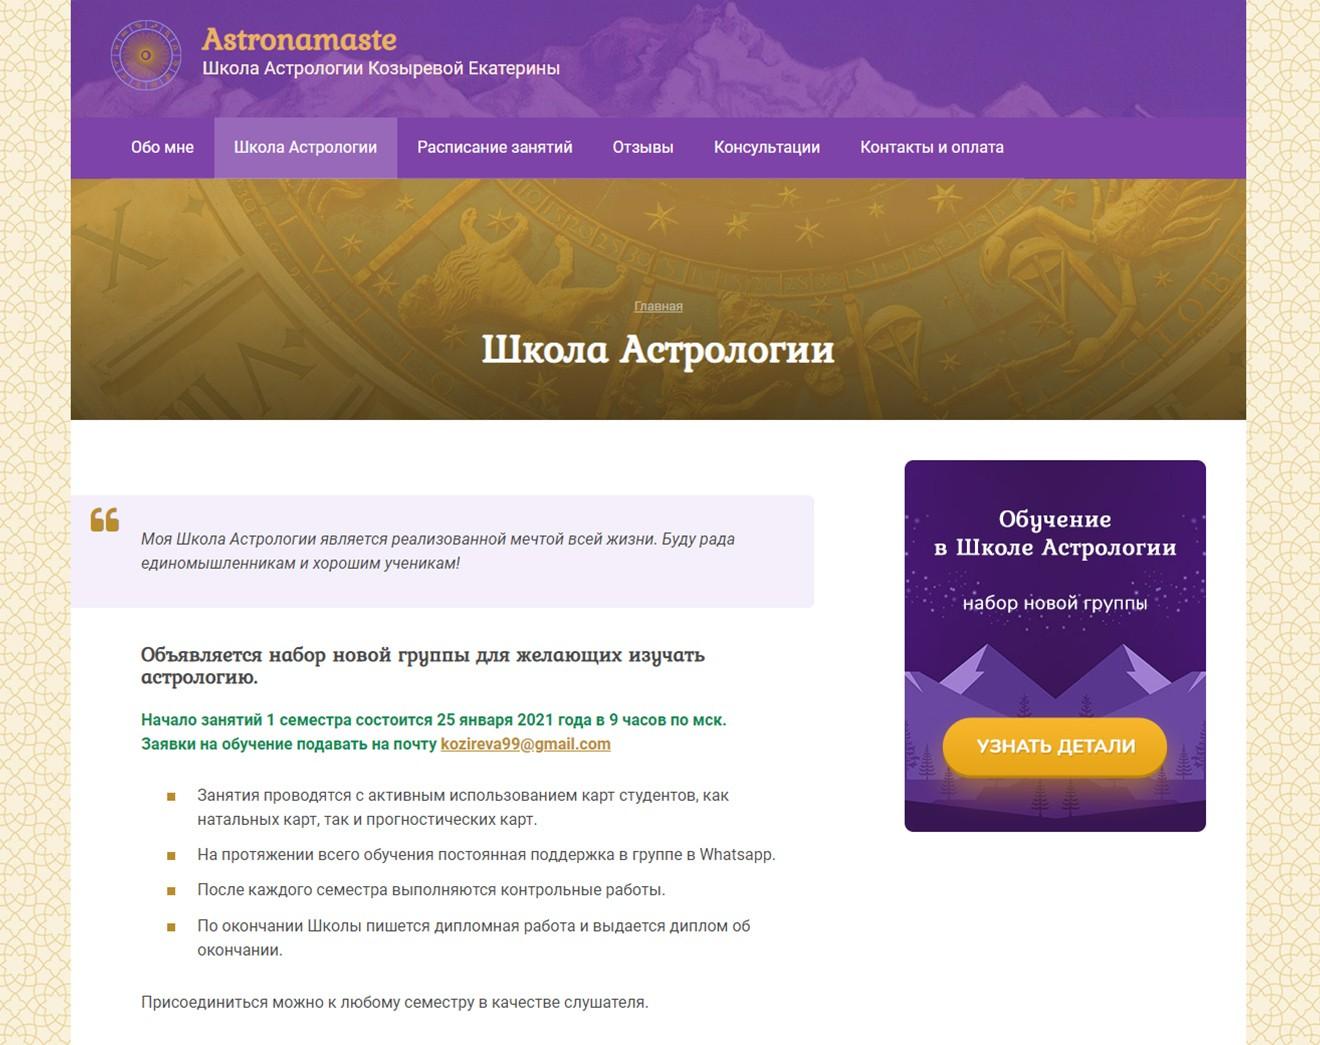 Кейс: Сайт визитка по астрологии